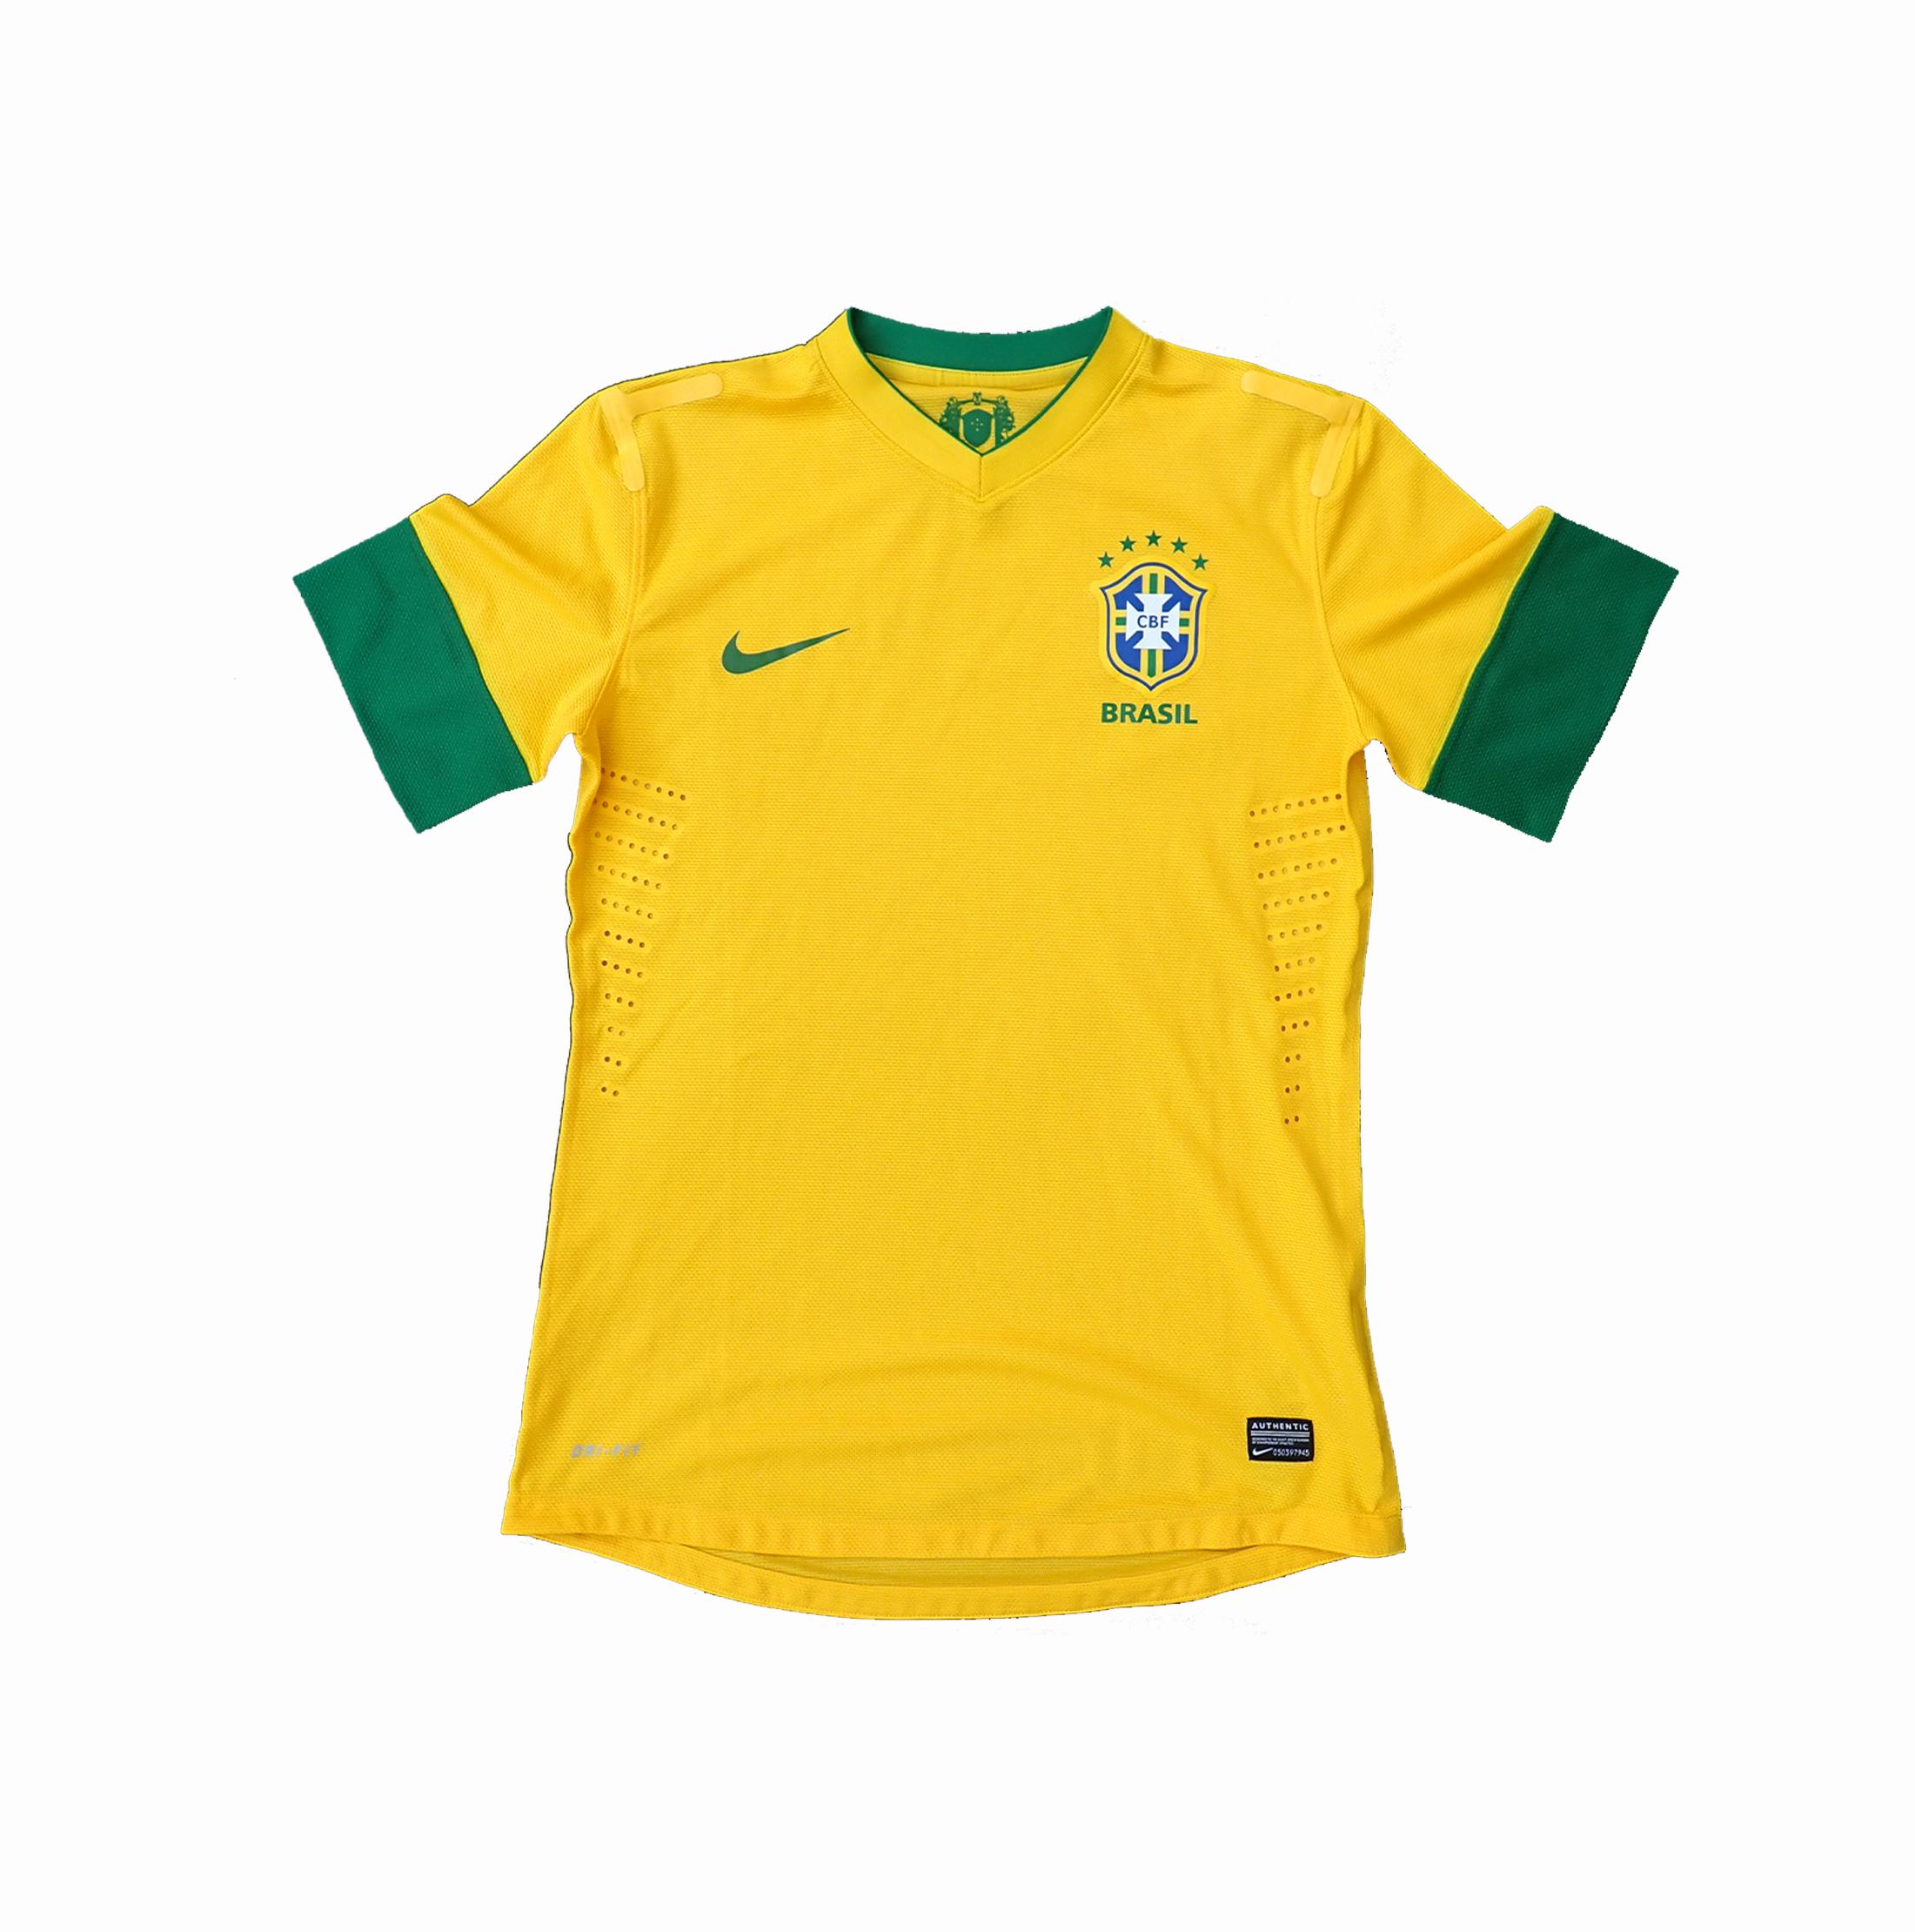 Brazil Football Team Jersey